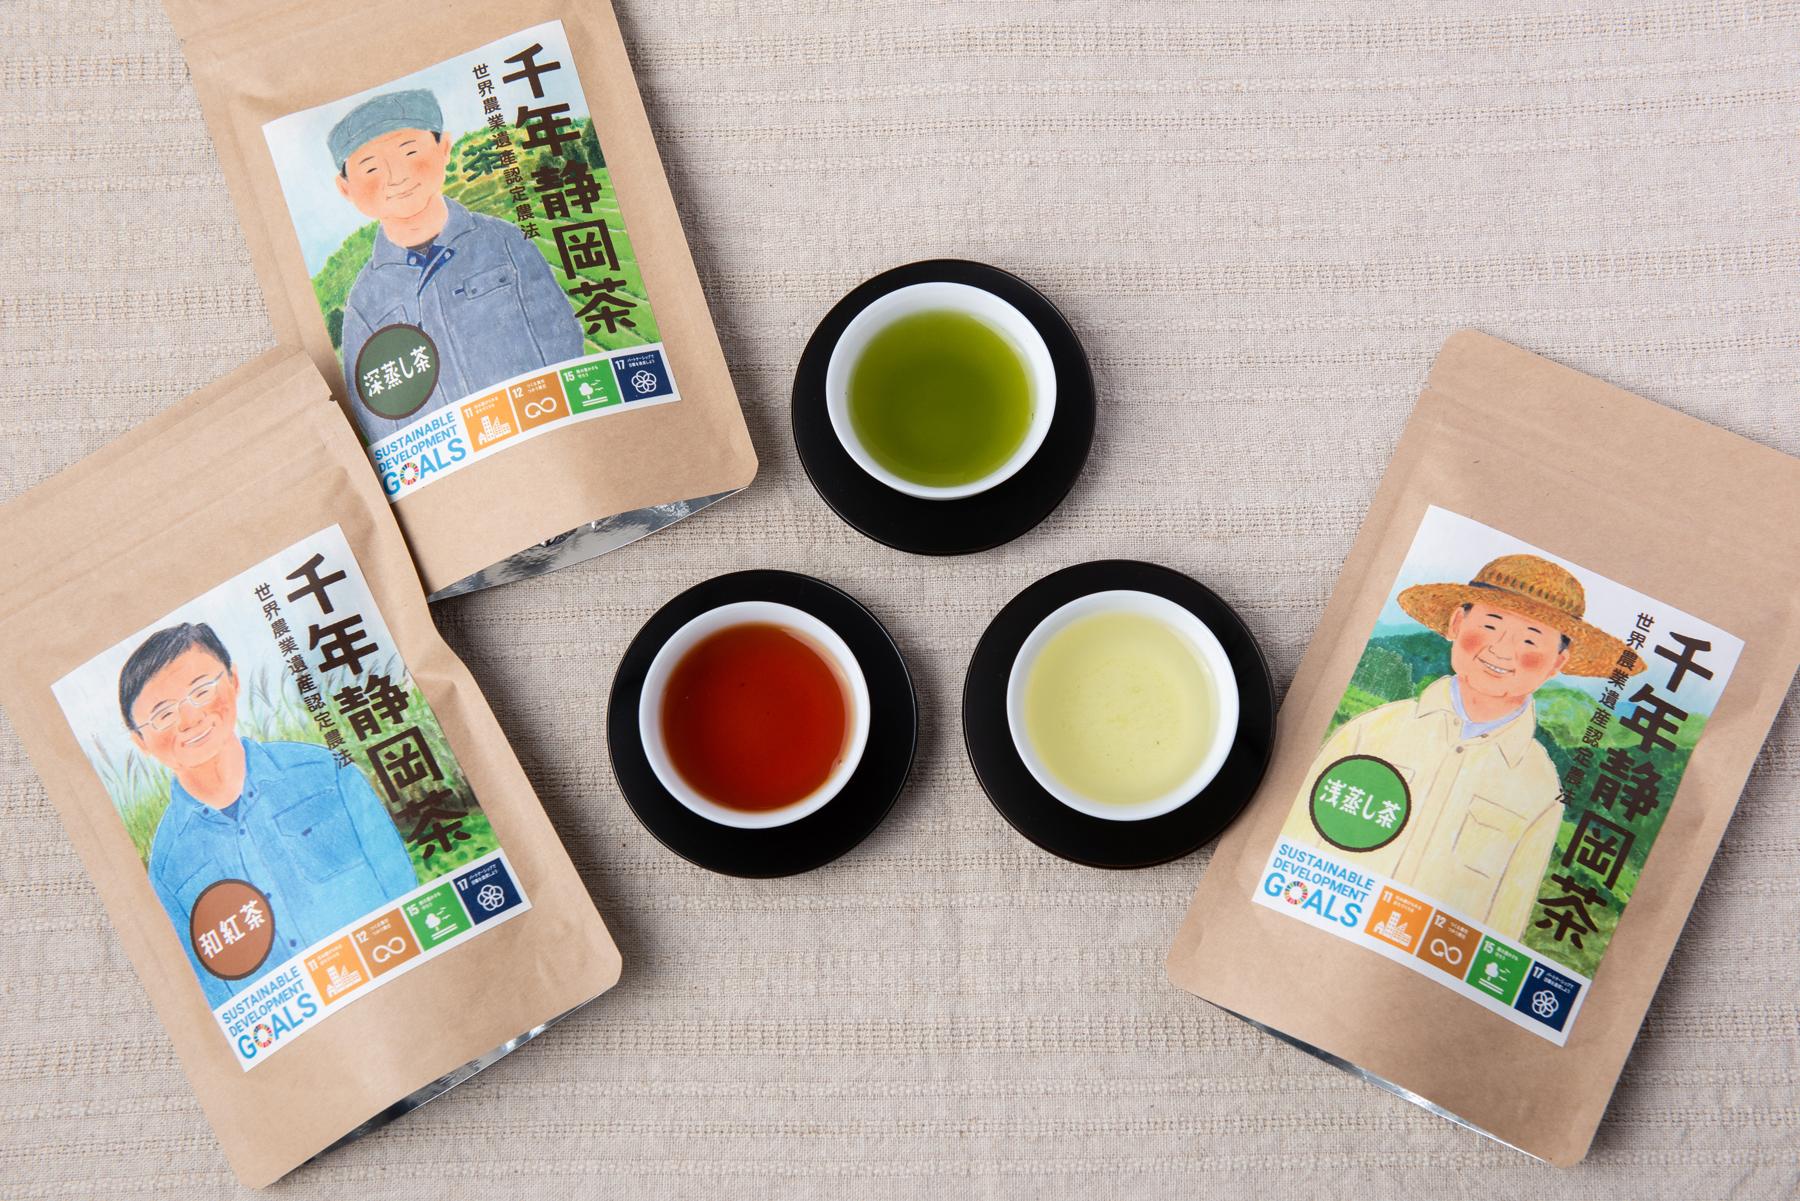 〈すろーかる連動企画 第12弾〉新商品をご紹介 Vol.2 成茶加納㈱/千年静岡茶